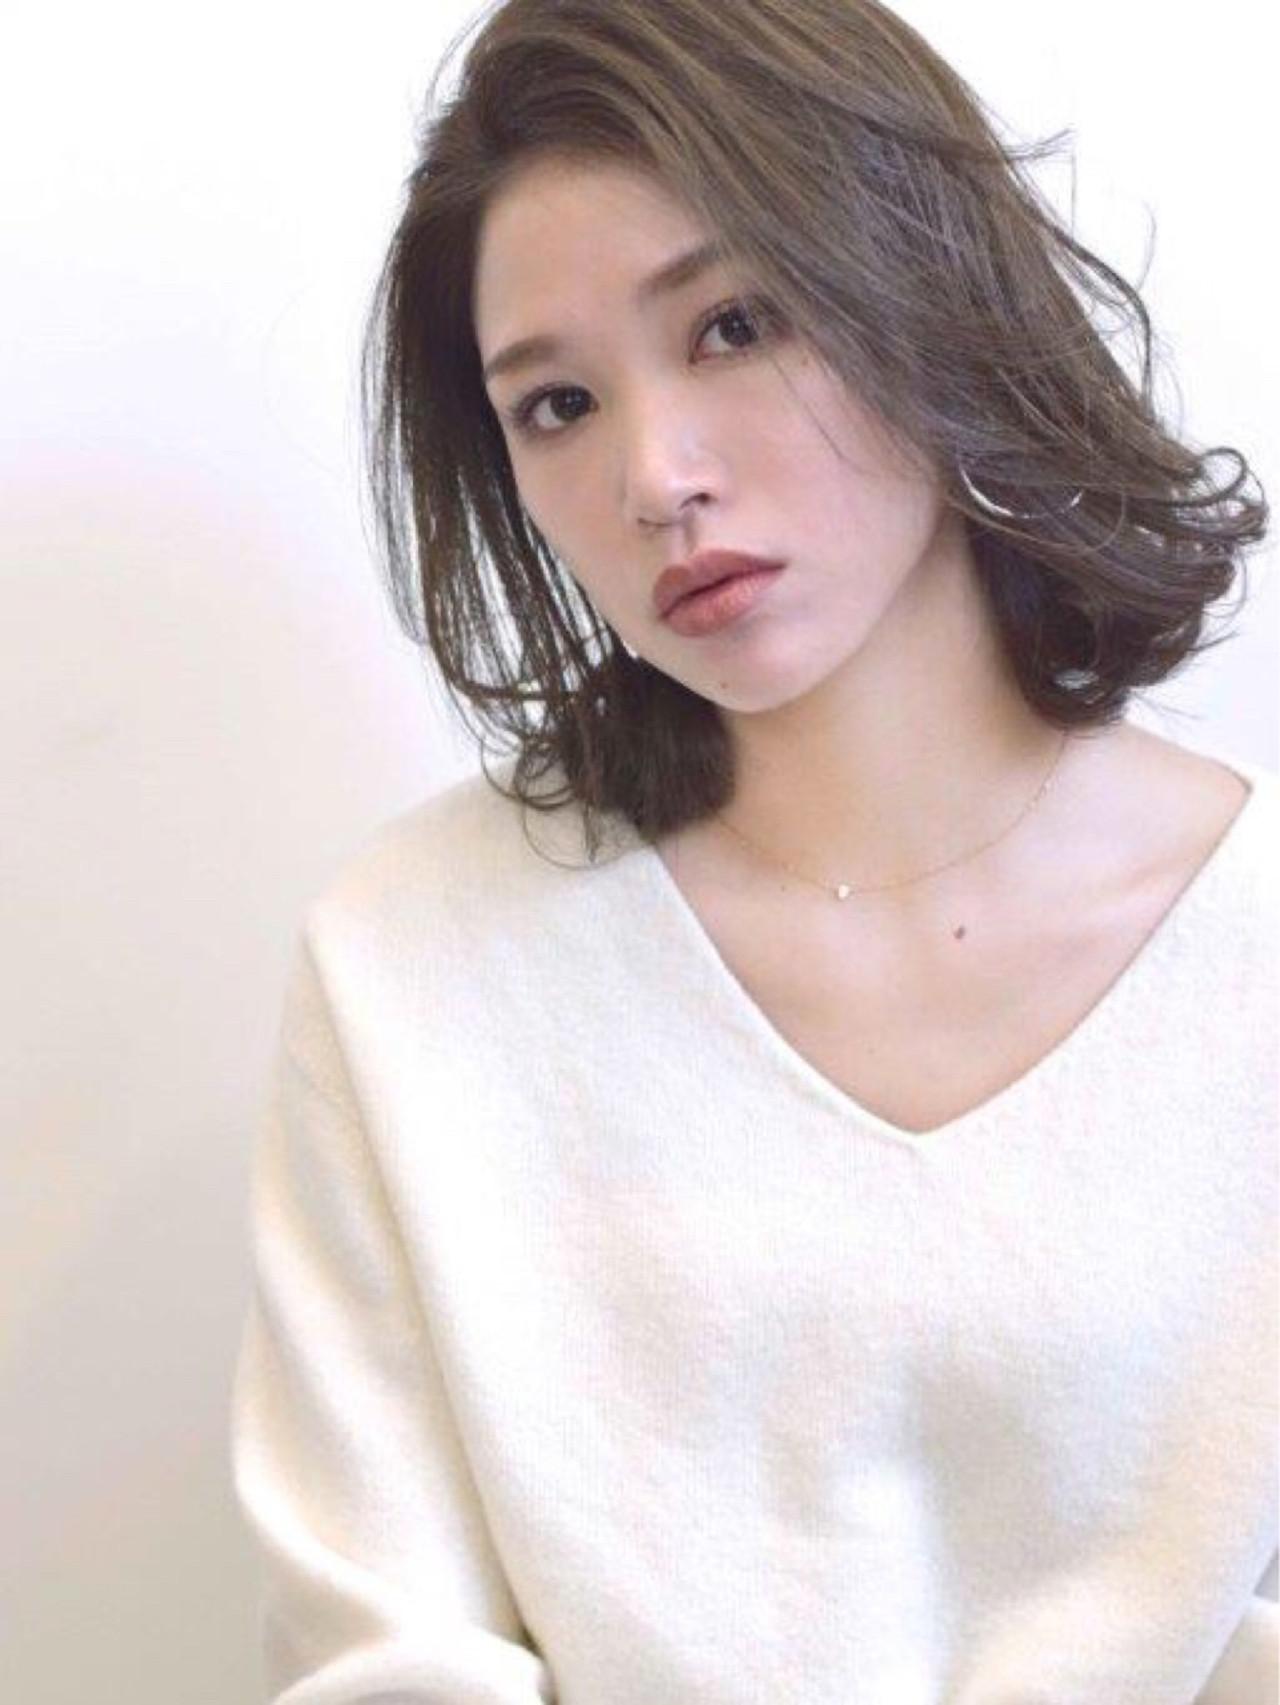 ウェーブ リラックス ミディアム 前髪あり ヘアスタイルや髪型の写真・画像   emi【till】 / till